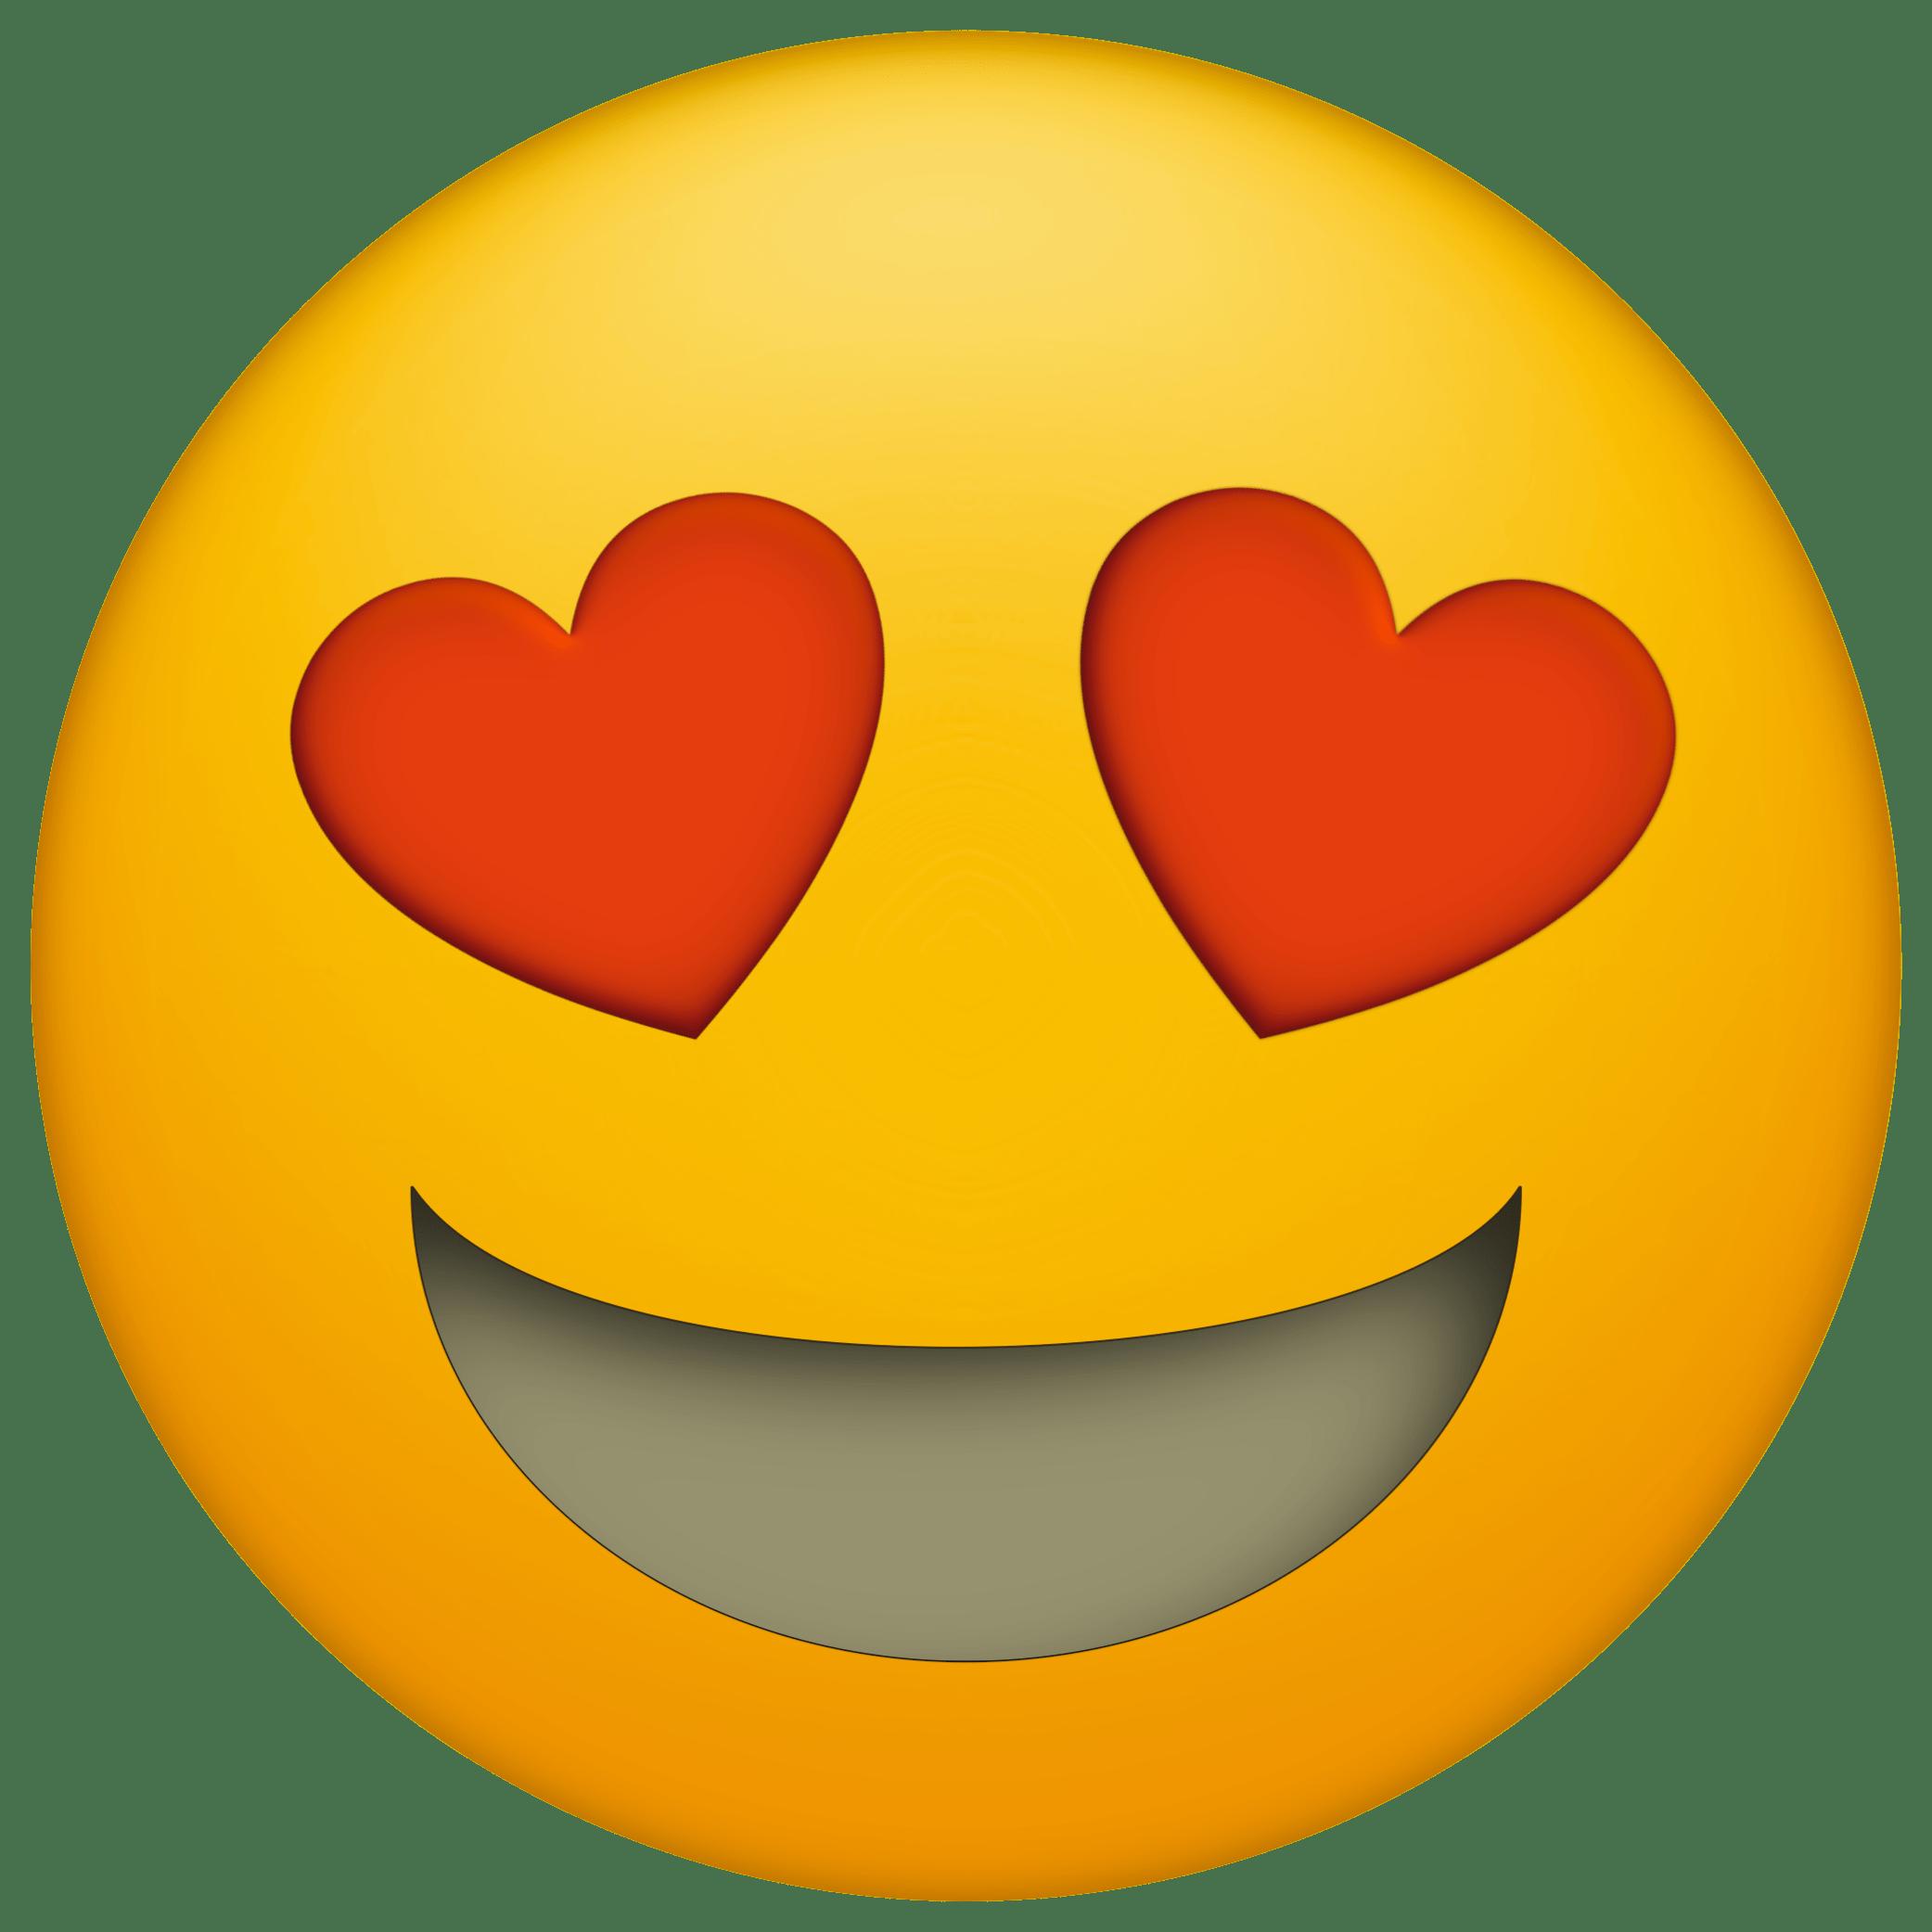 Heart Eyes Png 2083 2083 Emoji Dibujos Emojis Emoji